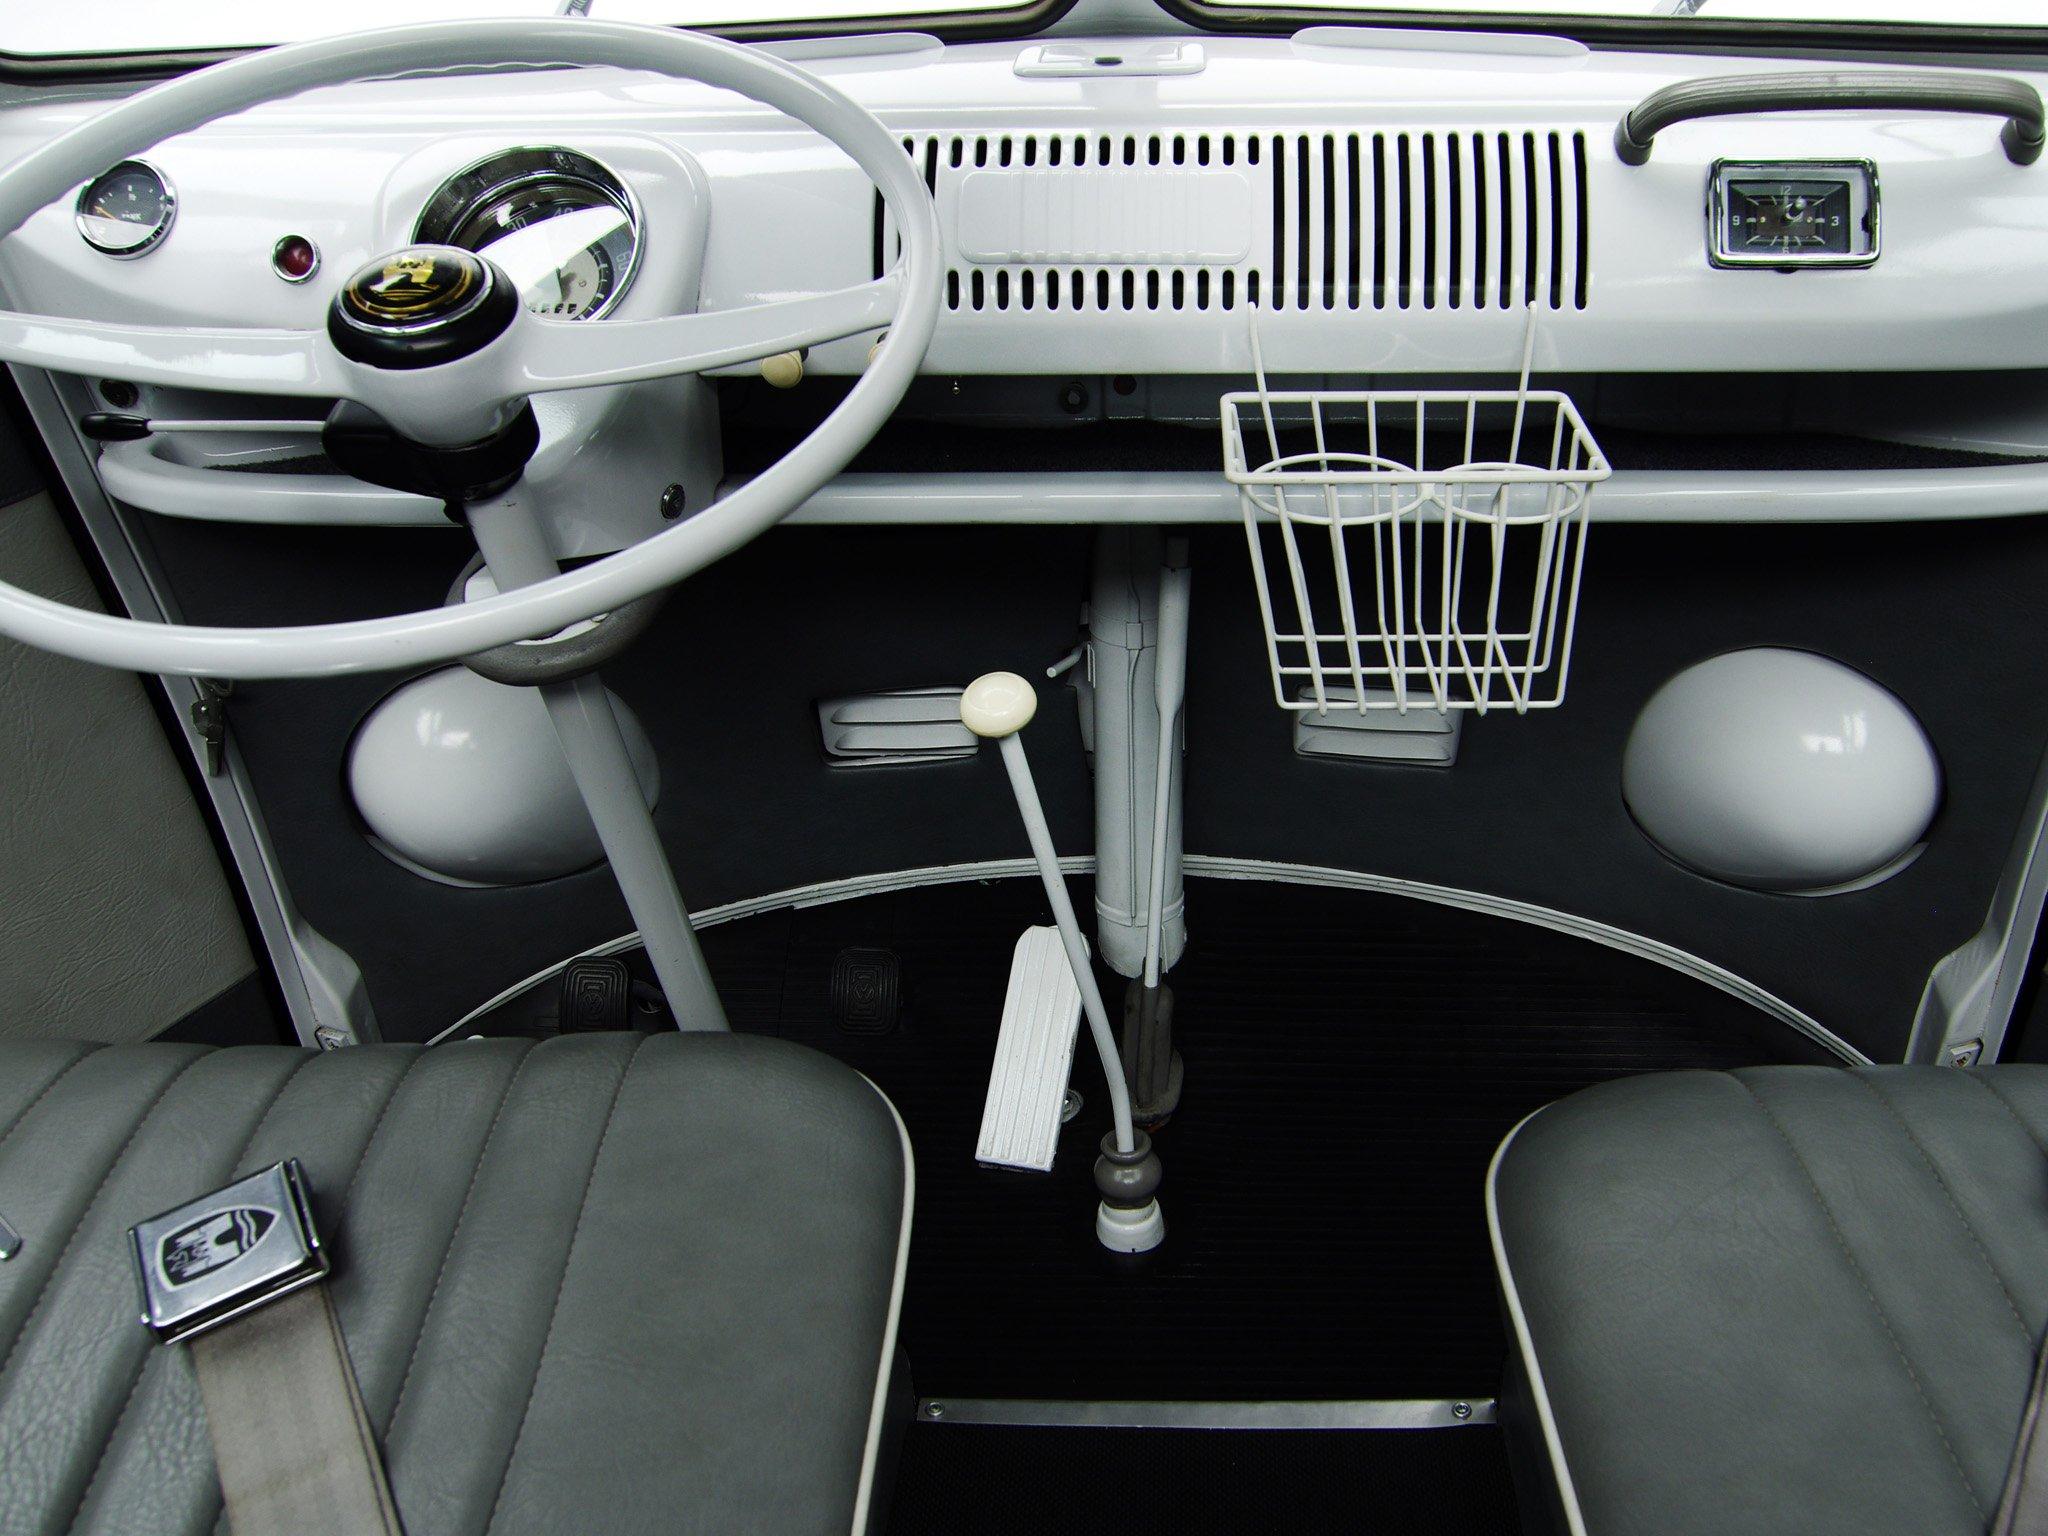 68 Vw Bus >> 1963-67 Volkswagen T-1 Deluxe Samba Bus van classic interior d wallpaper   2048x1536   361594 ...